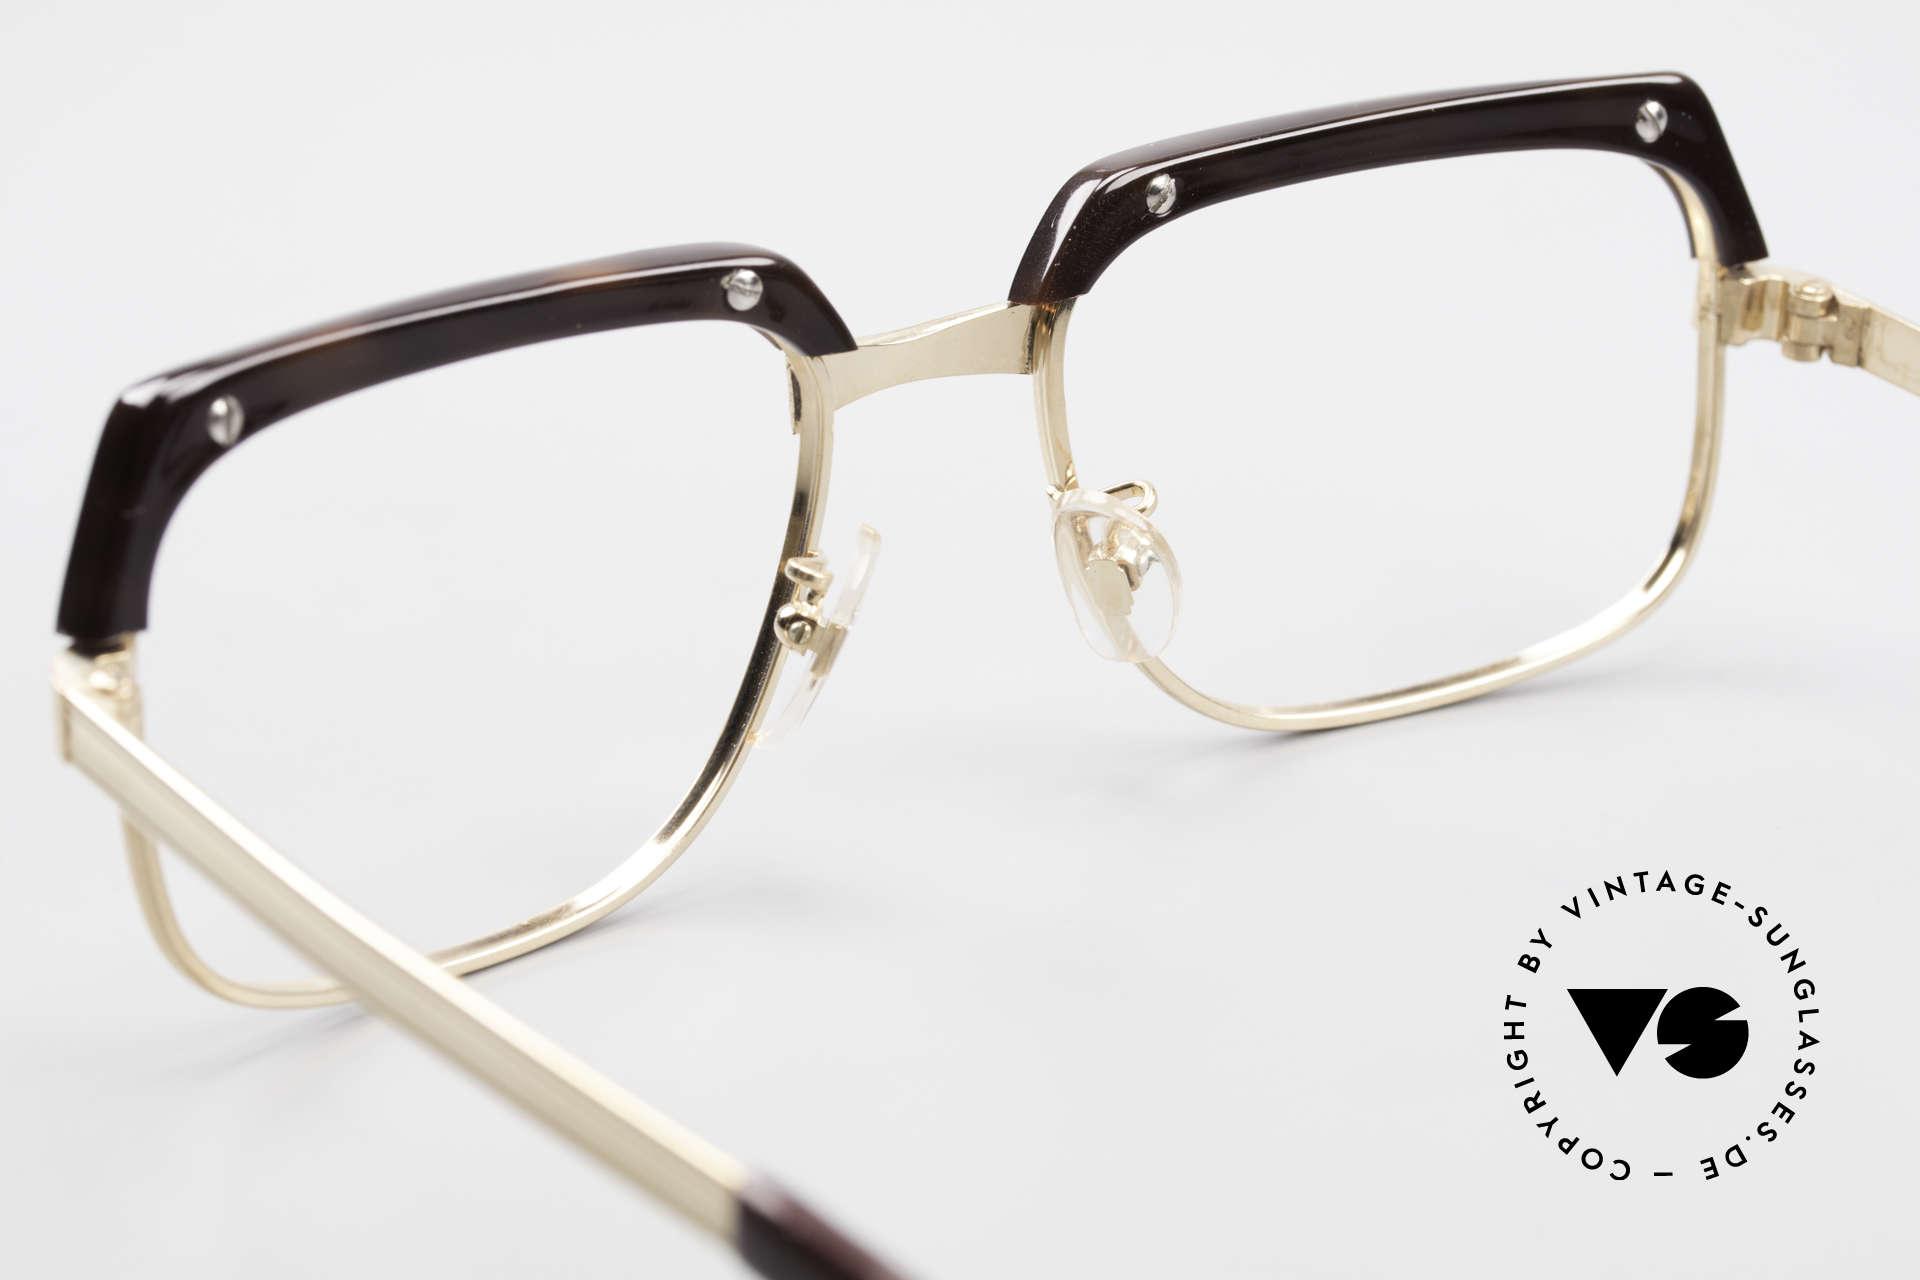 Selecta - Dalai Lama Gold Filled Kombibrille 70er, heutzutage gar nicht mehr zu bekommen; large Gr. 52/22, Passend für Herren